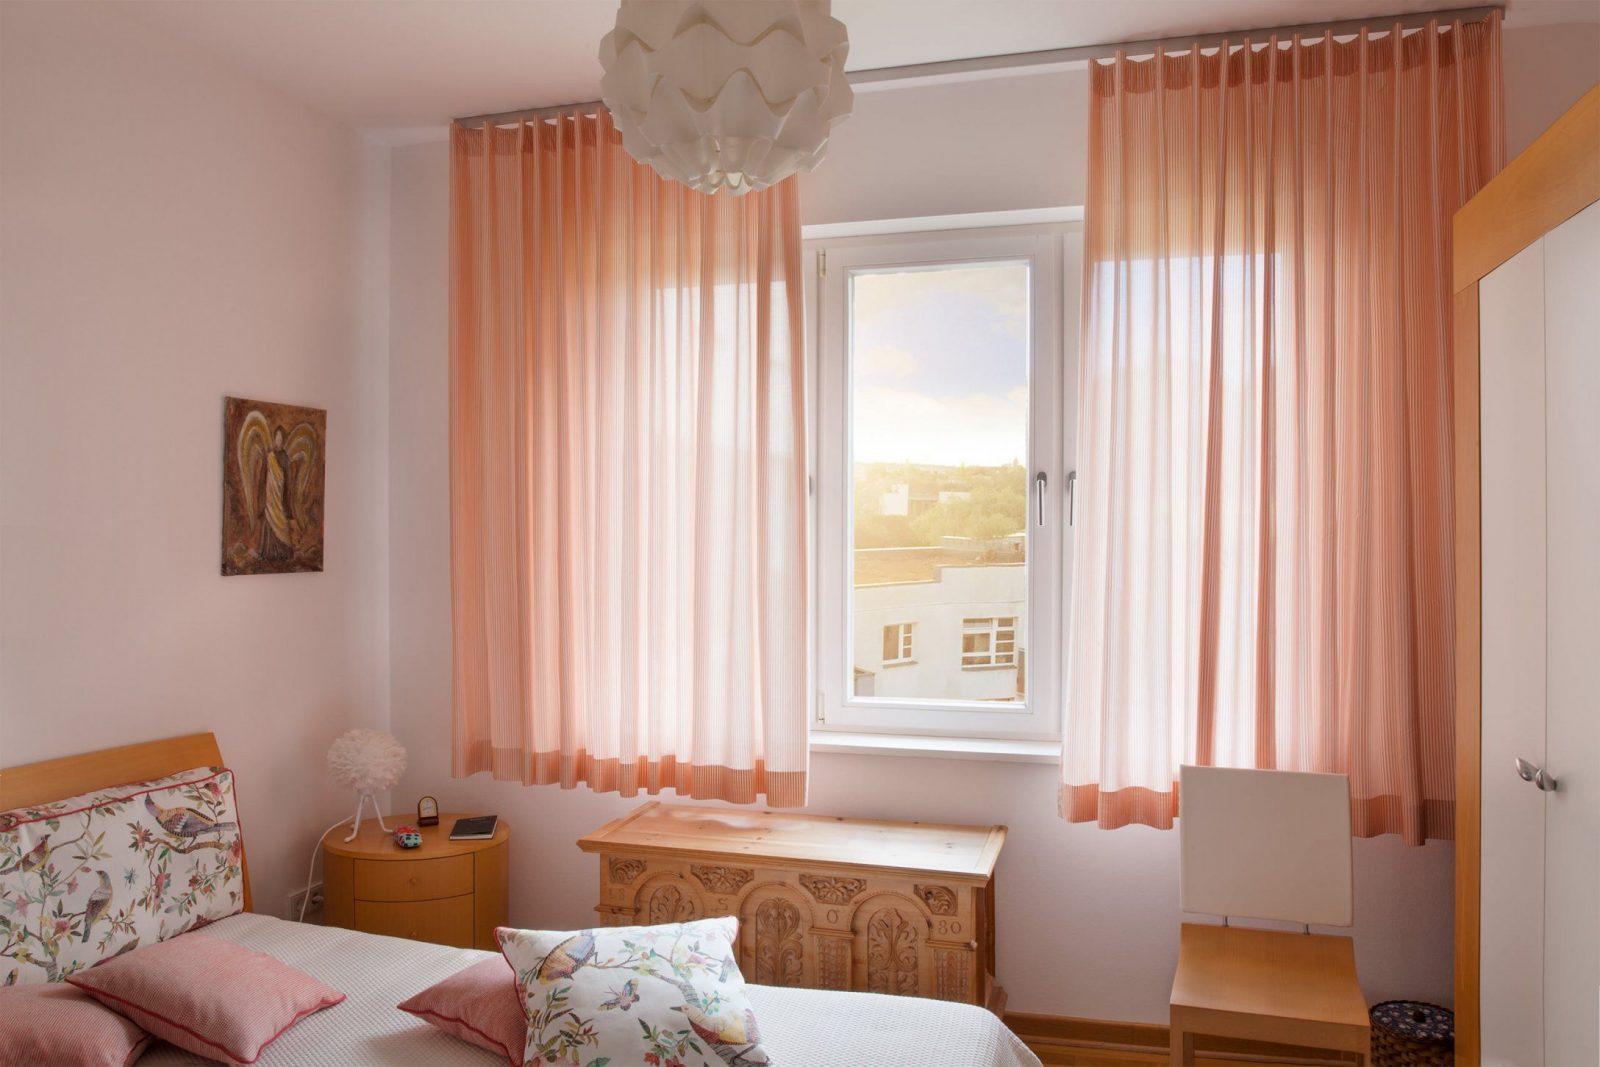 Ungewöhnlich Gardinen Im Schlafzimmer Zeitgenössisch  Wohnzimmer von Gardinen Für Schlafzimmerfenster Photo